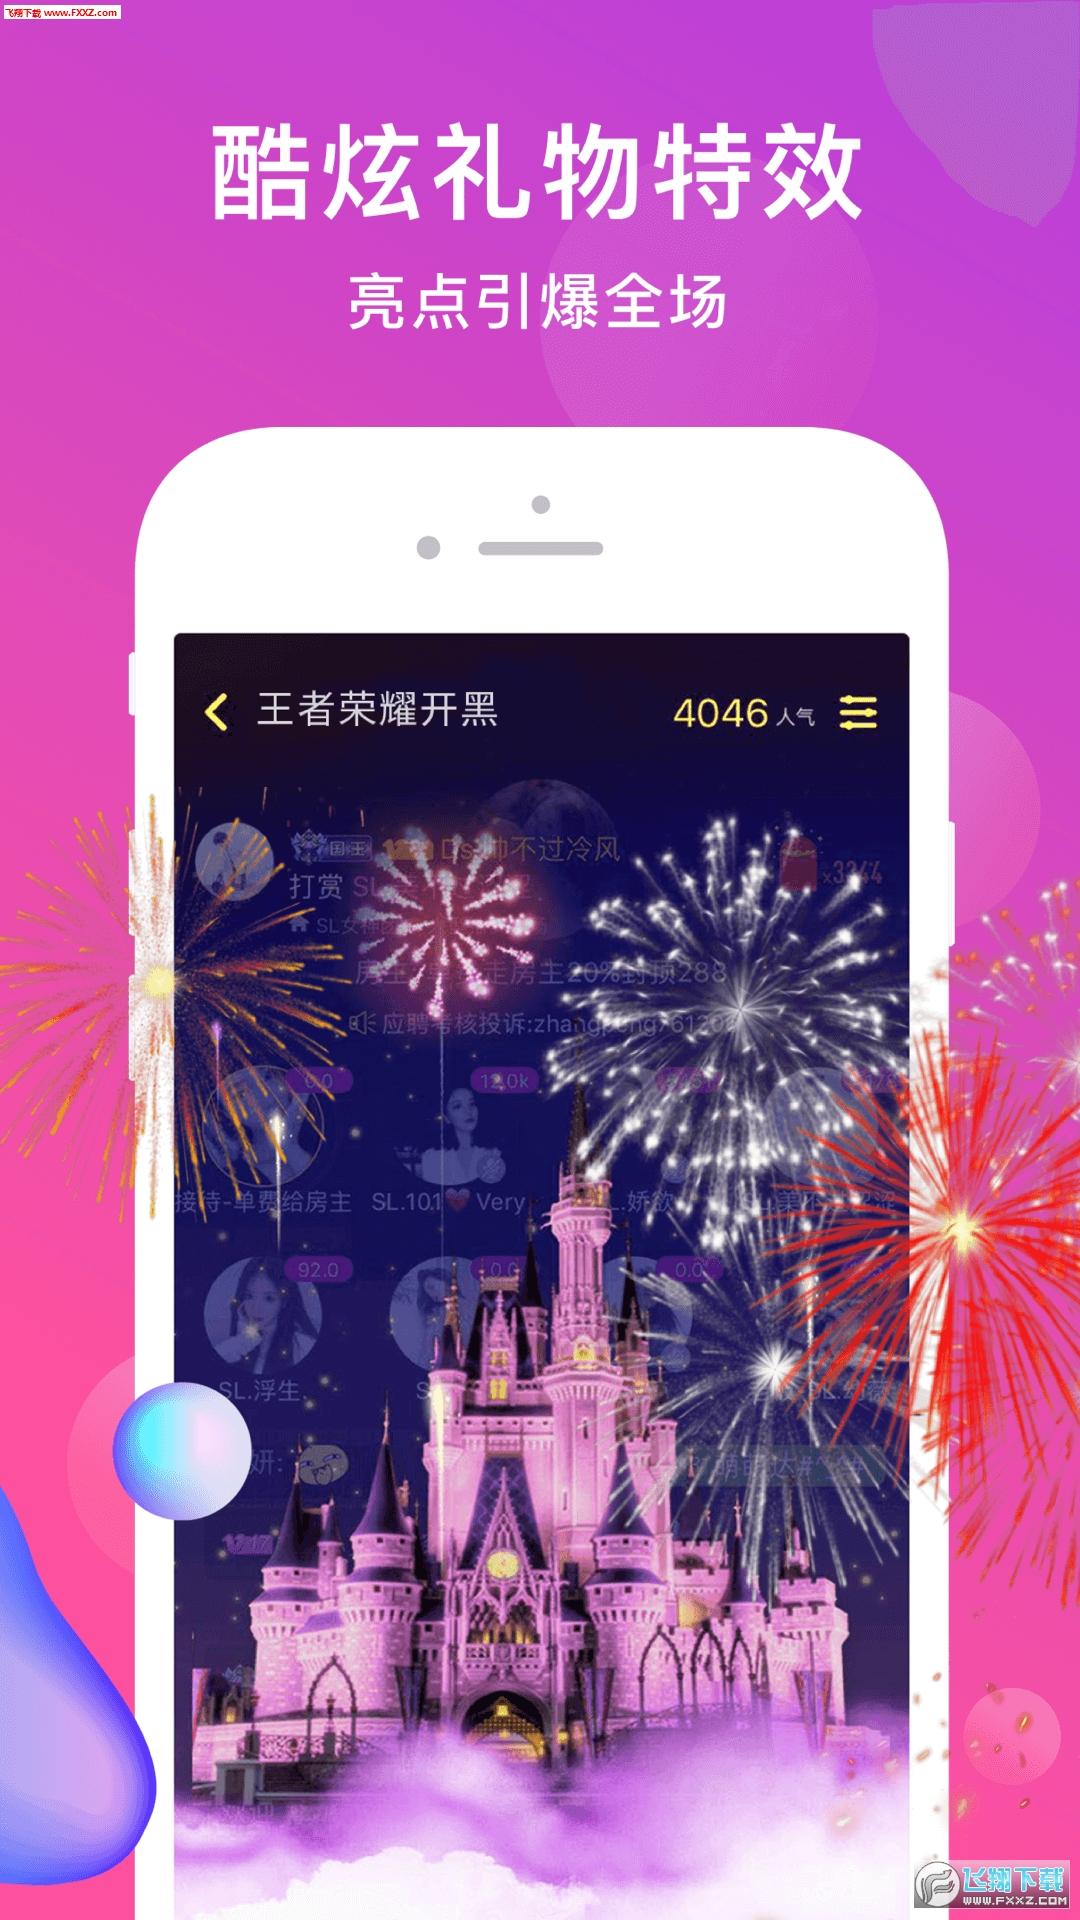 皮队友app最新版1.0.1.0截图2